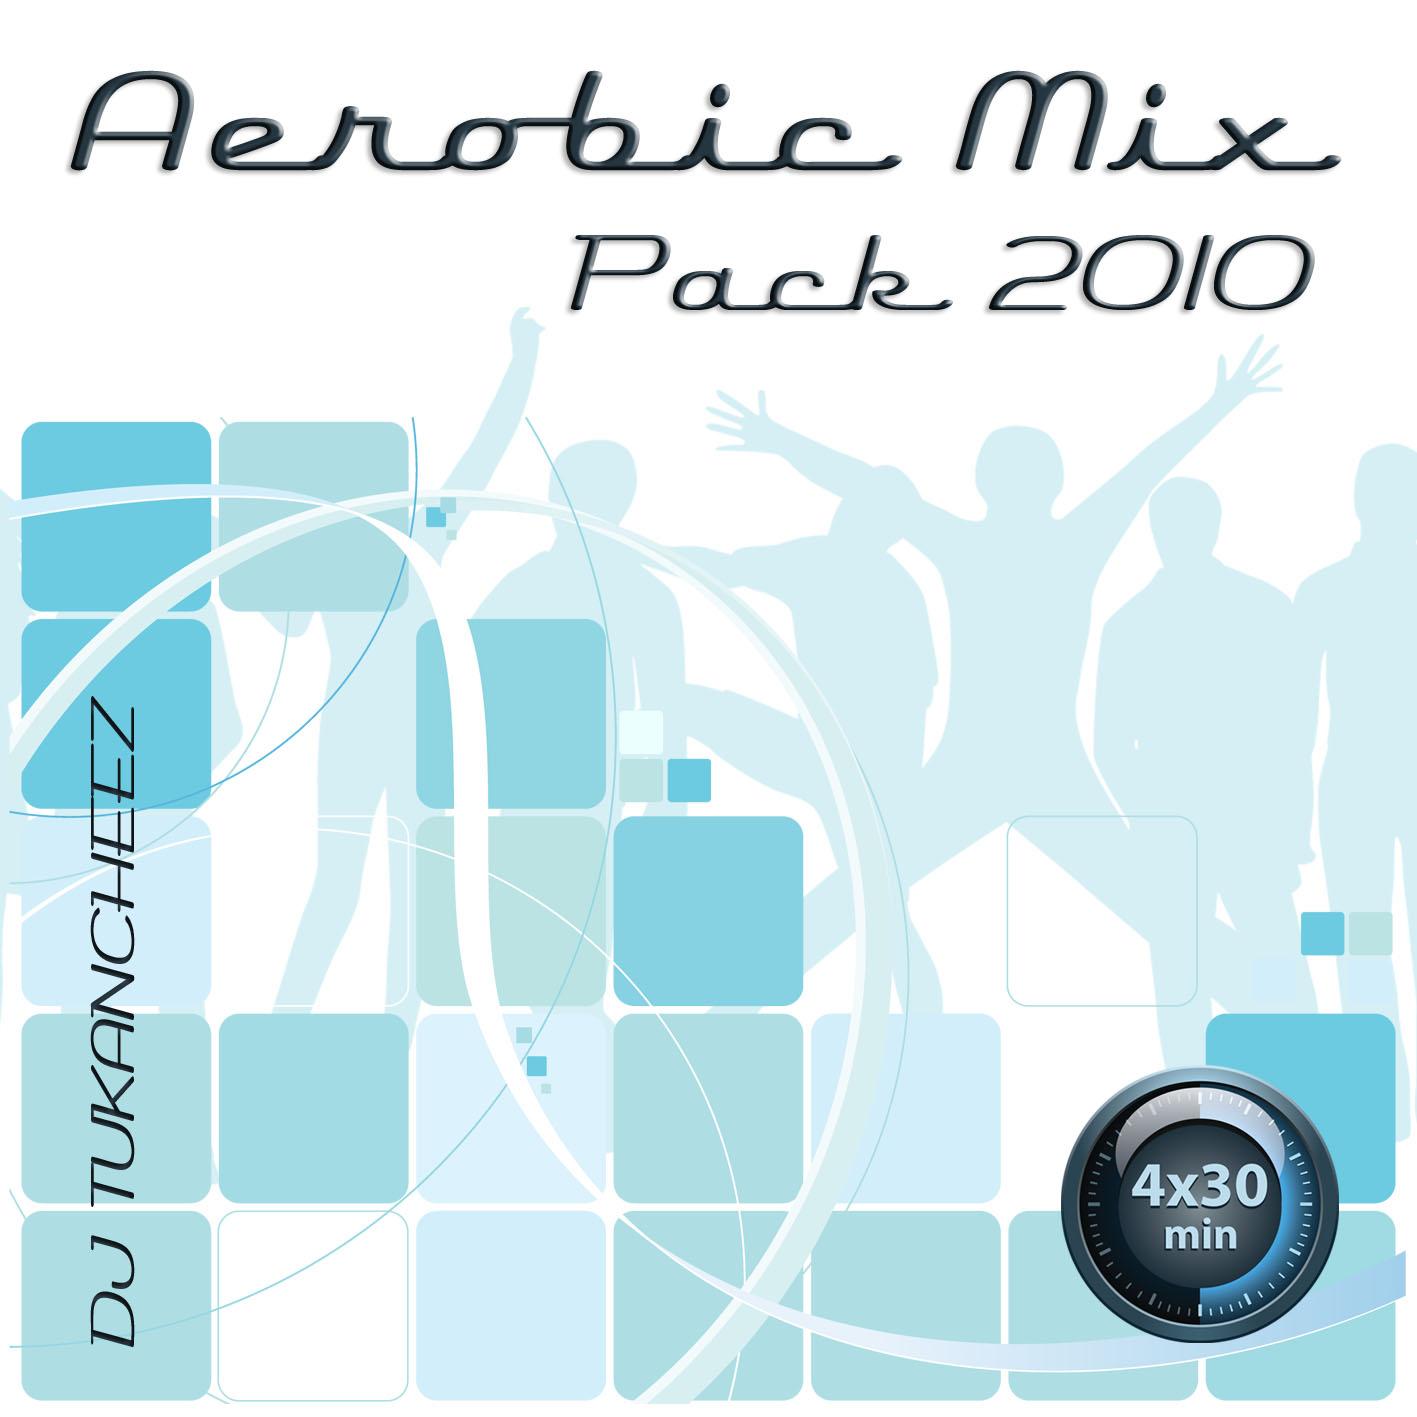 http://2.bp.blogspot.com/_-wvCpXz4oAs/S-xEyYQaBjI/AAAAAAAABaQ/V-zqDW8ozmA/s1600/00-va-aerobic_mix_pack_2010-bootleg-2010.jpg